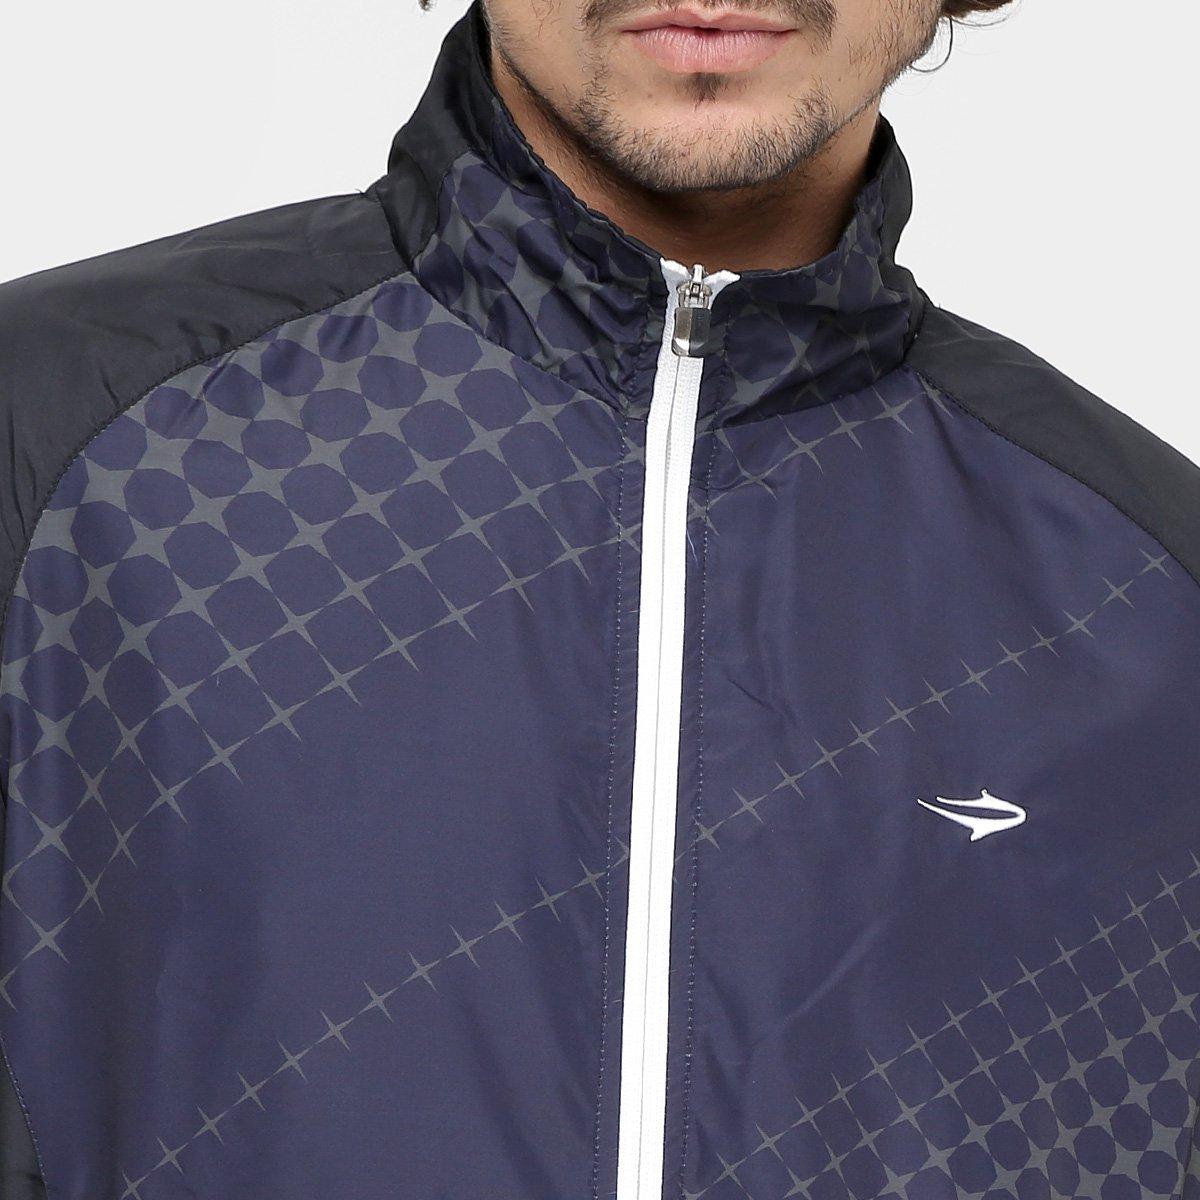 Jaqueta Topper Training Sprint V Masculino - Preto e Chumbo - Compre ... cae6570777545